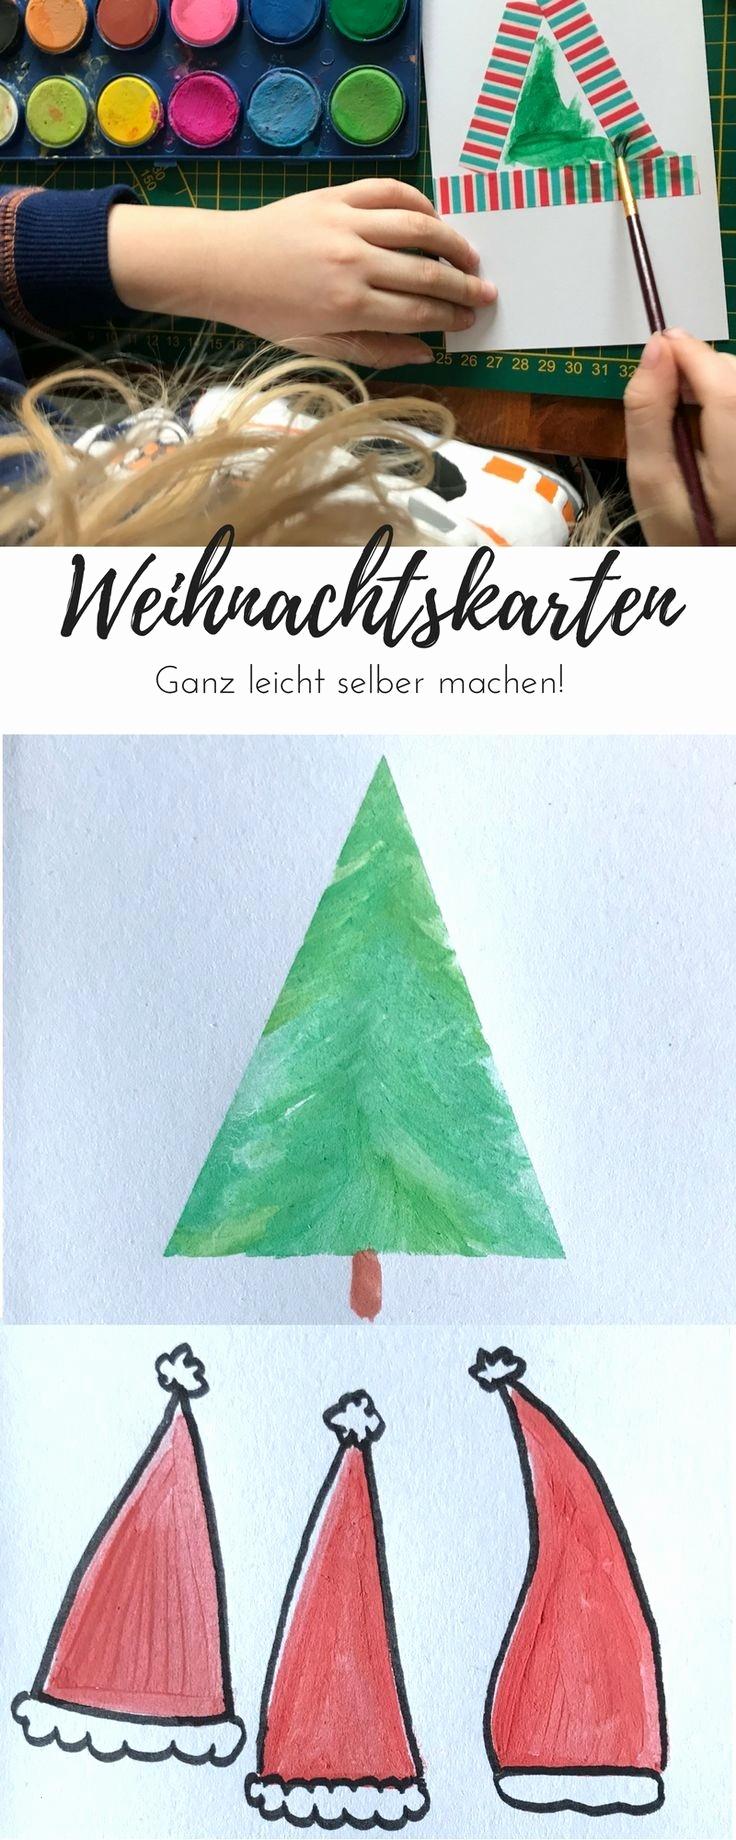 weihnachtskarten basteln mit kindern vorlagen genial schon weihnachtskarten mit kindern jyipp jyipp of weihnachtskarten basteln mit kindern vorlagen